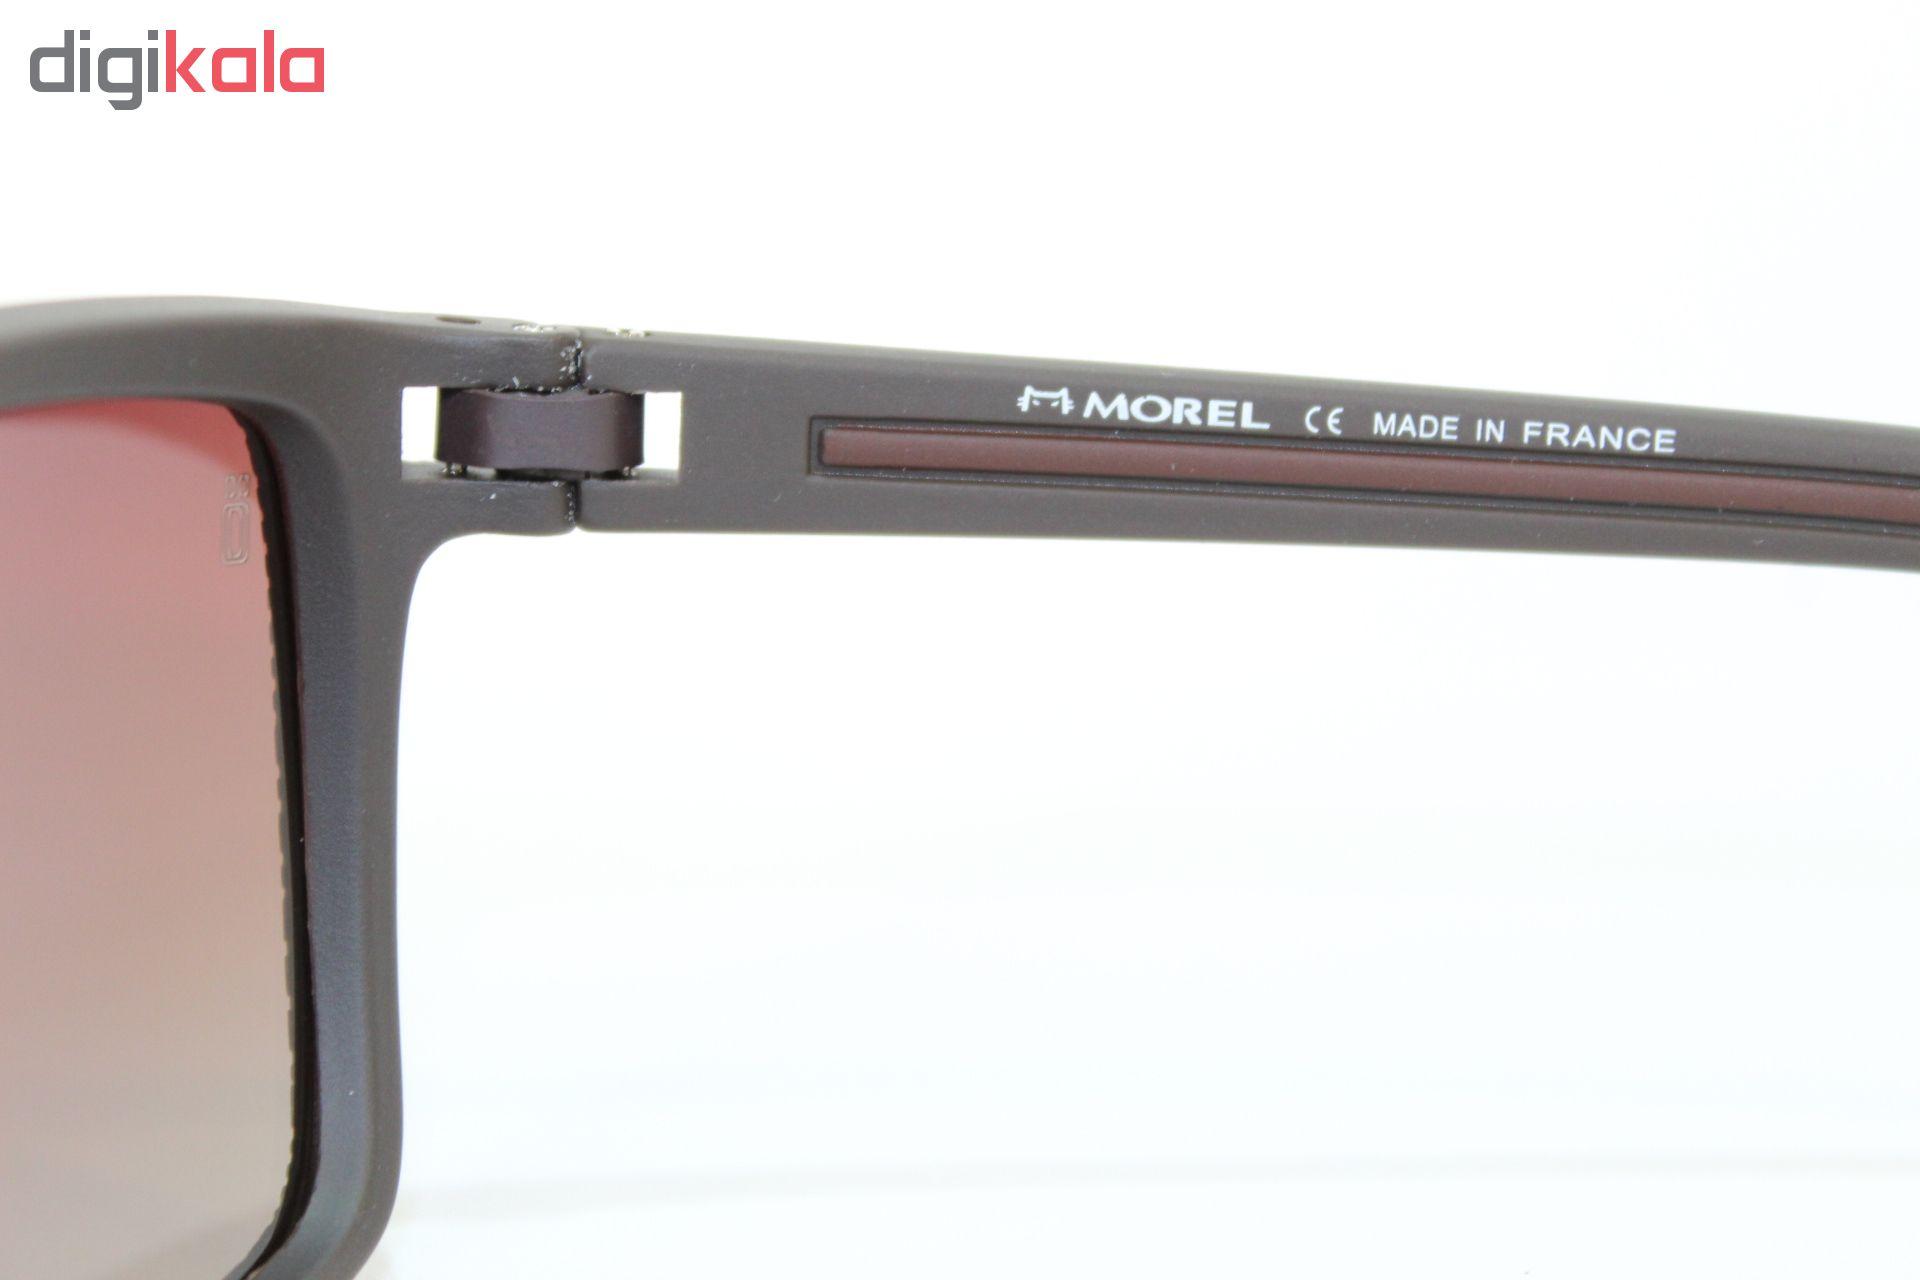 عینک آفتابی ماریوس مورل مدل 76050